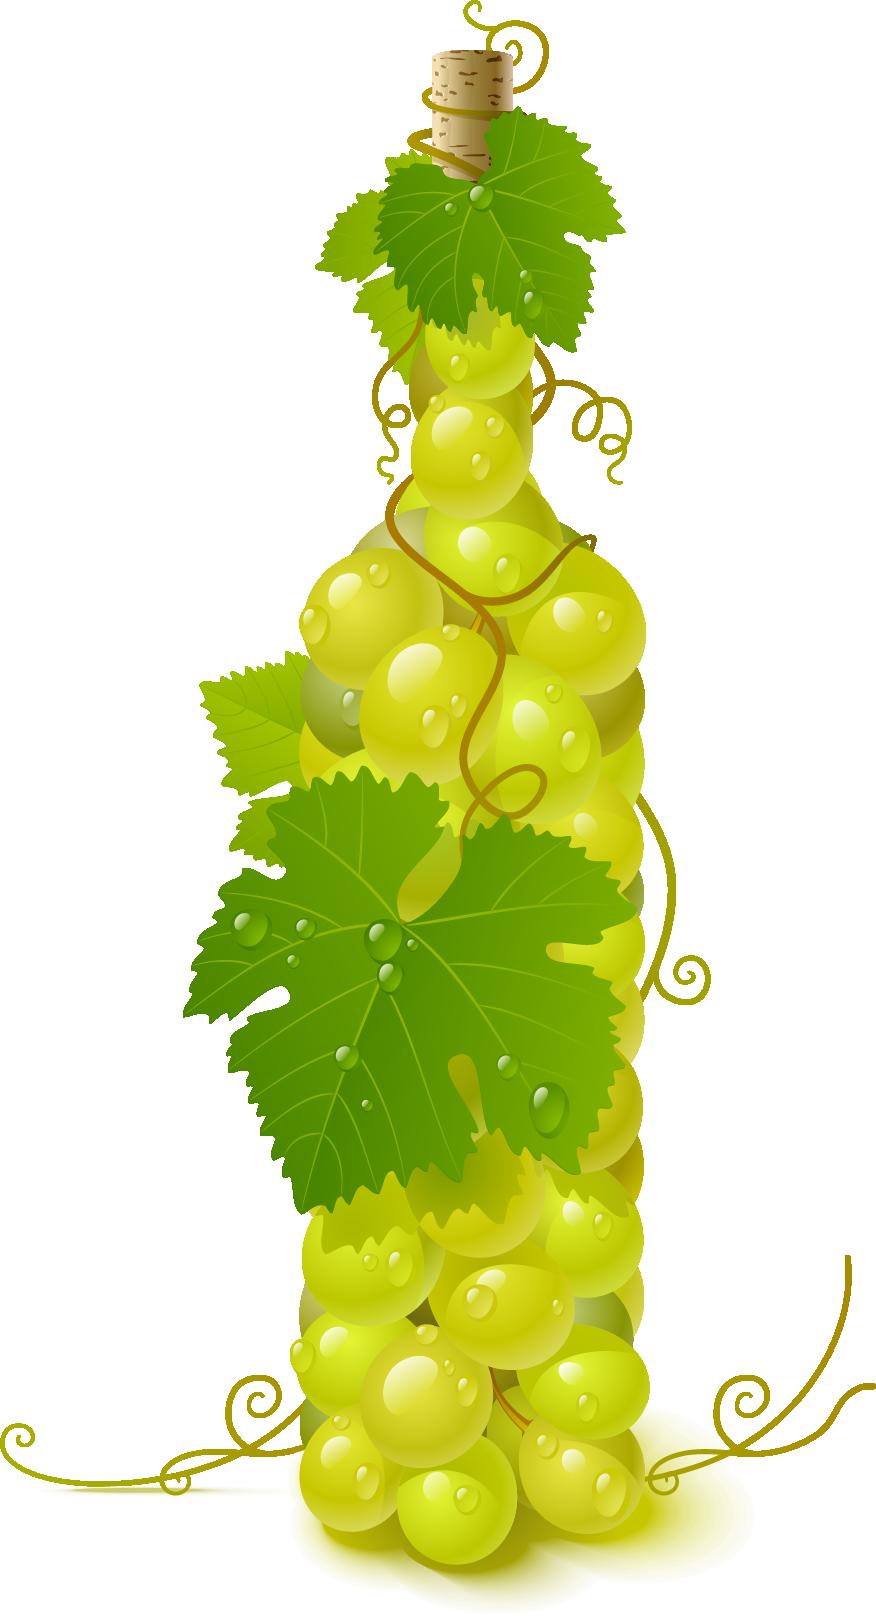 Common vine clip art. Grape clipart wine grape